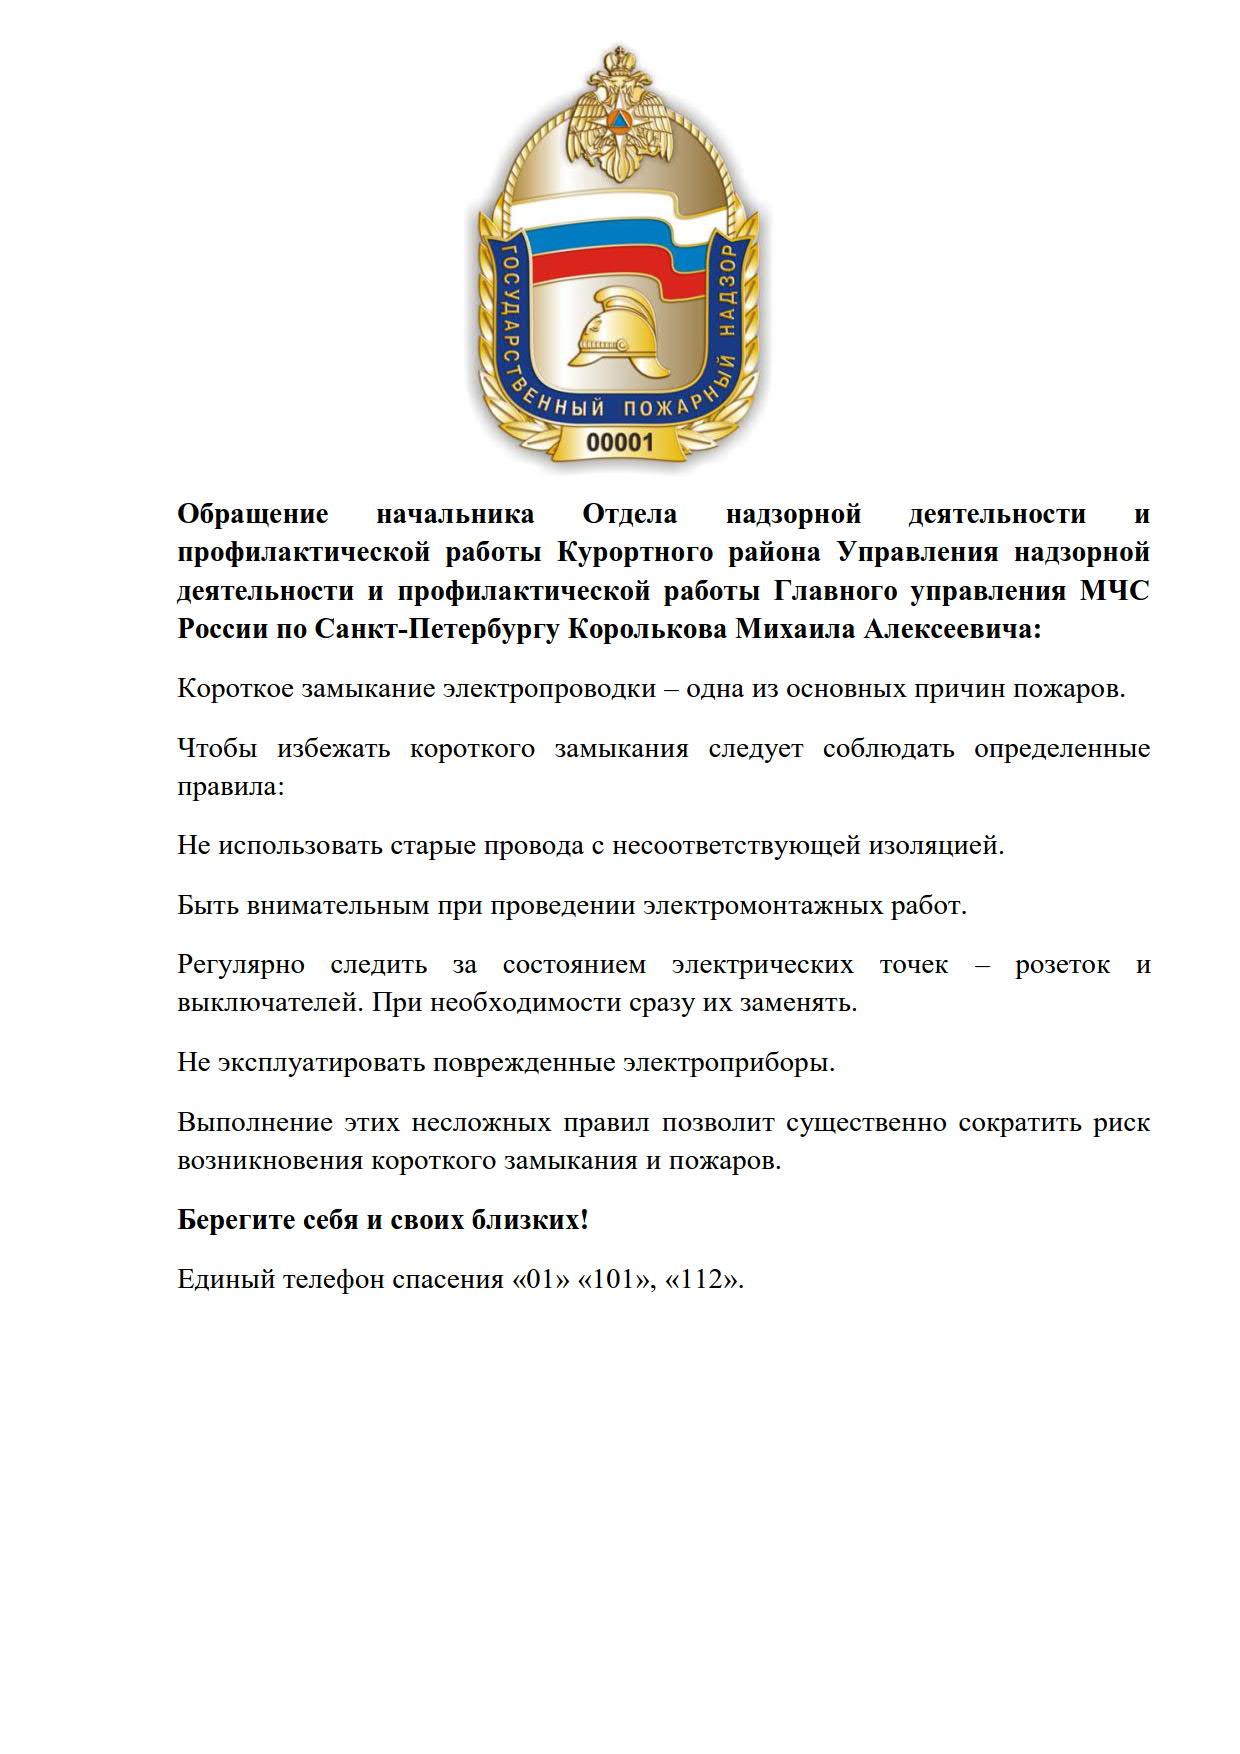 Обращение начальника ОНДПР (КЗ)_1